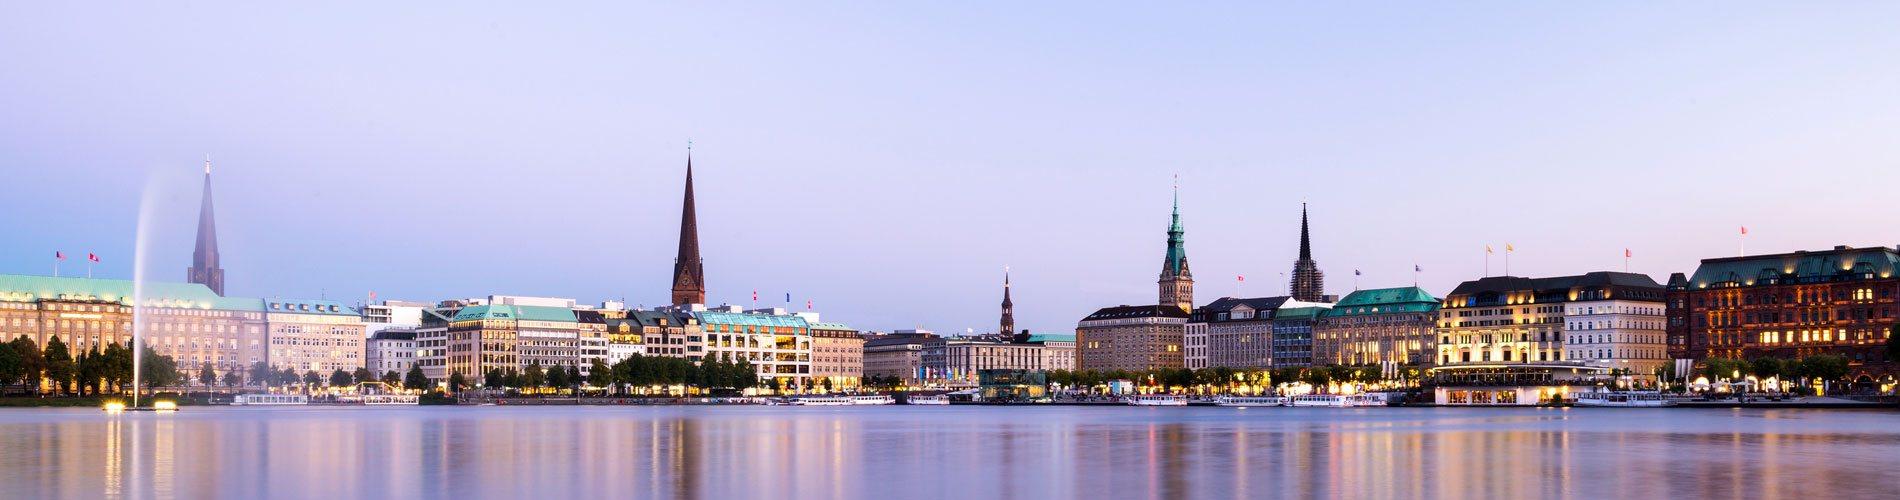 Hamburg Alster view Panorama